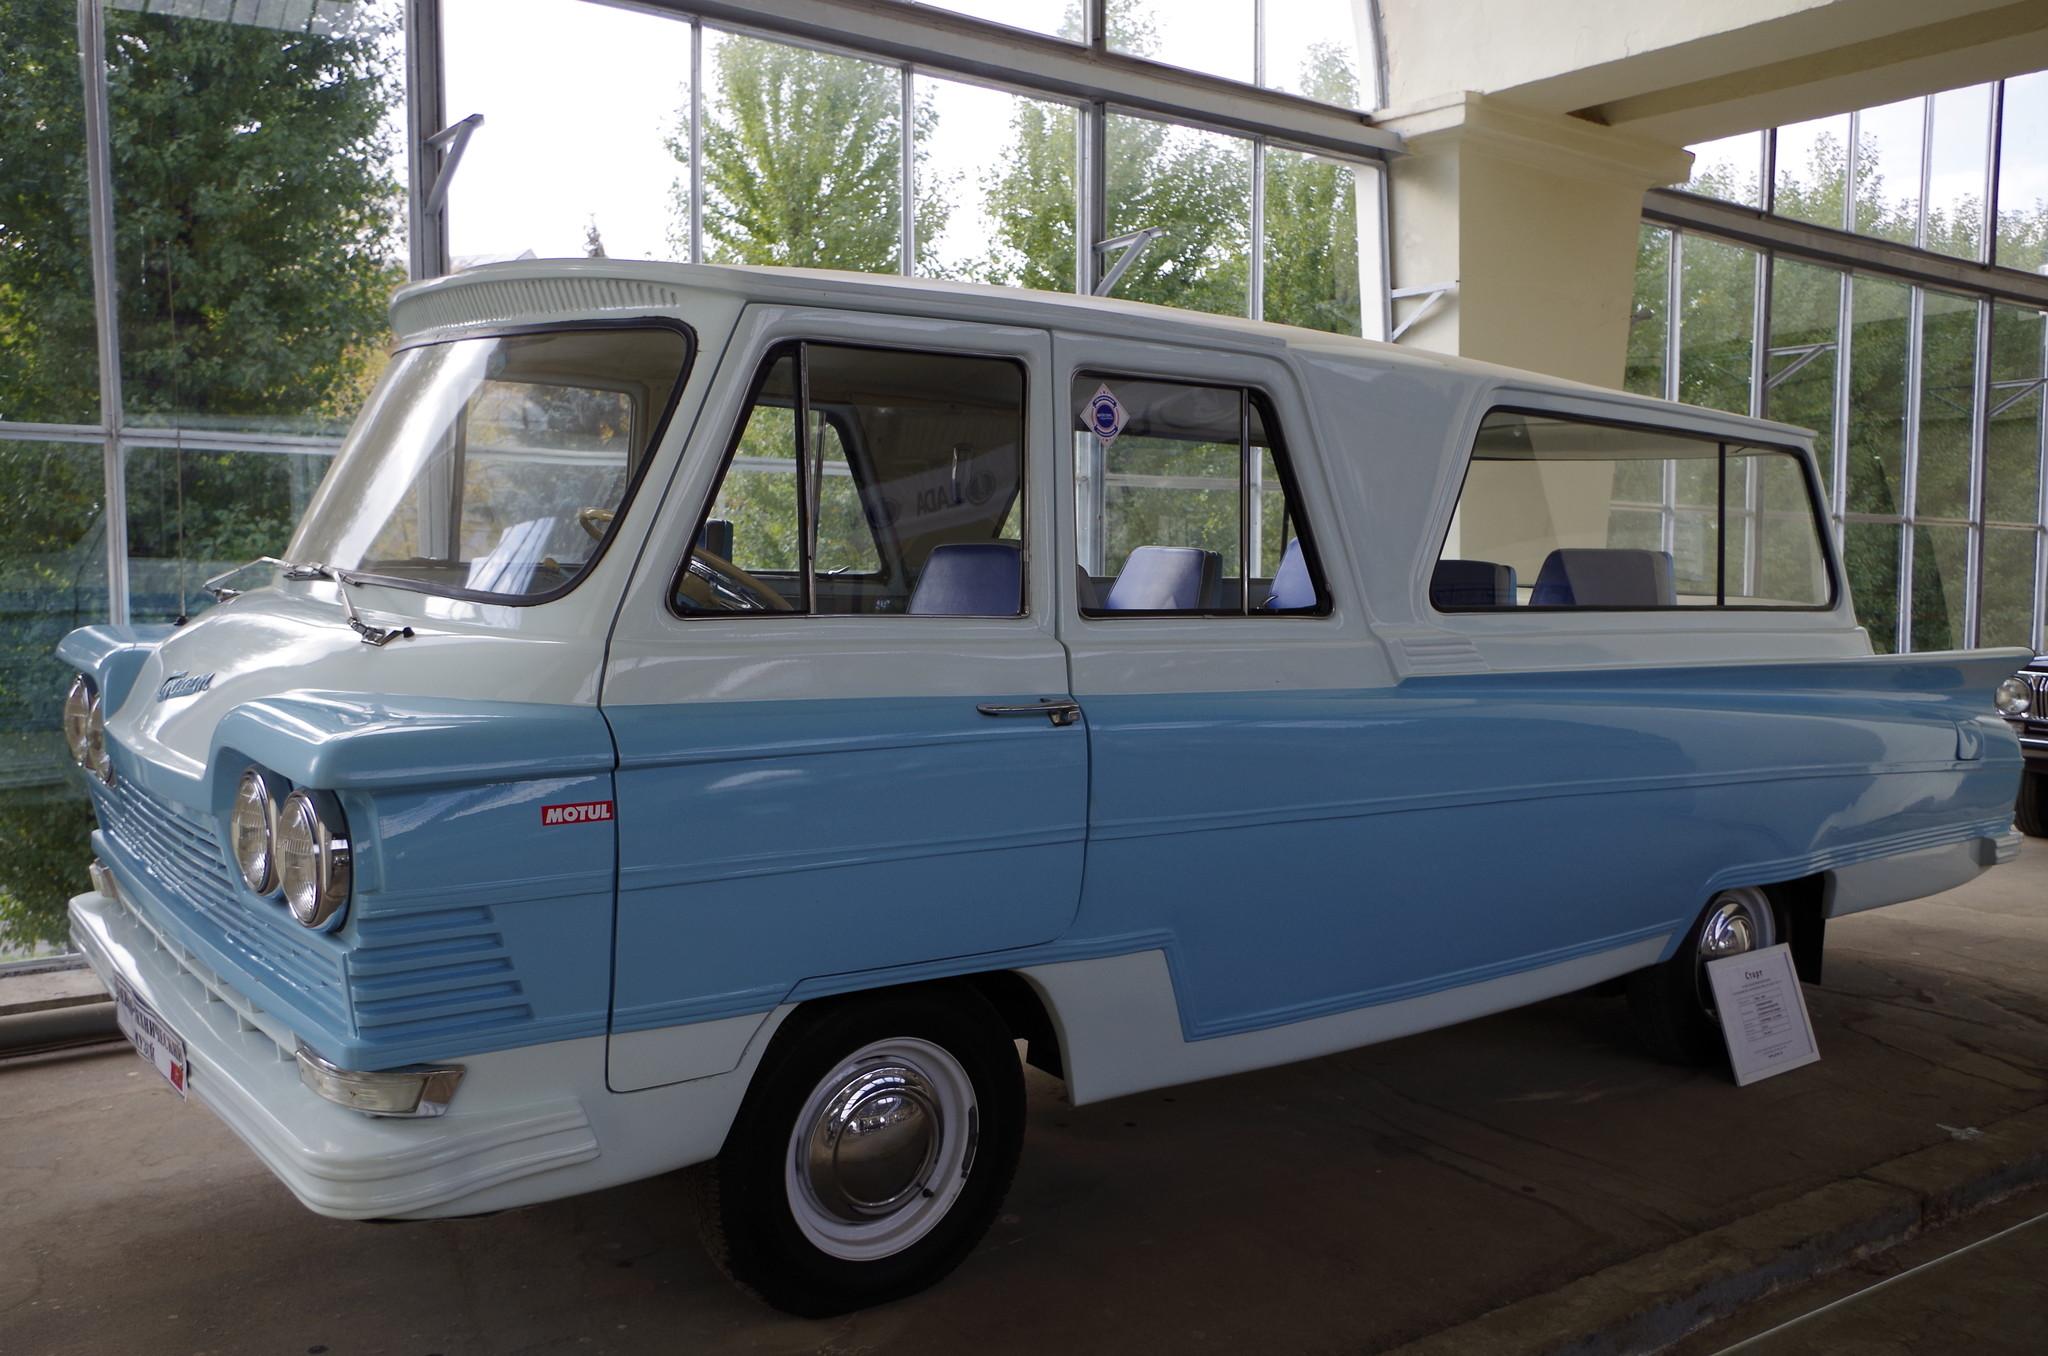 10-местный микроавтобус «Старт» с кузовом из стеклопластика на базе ГАЗ-21